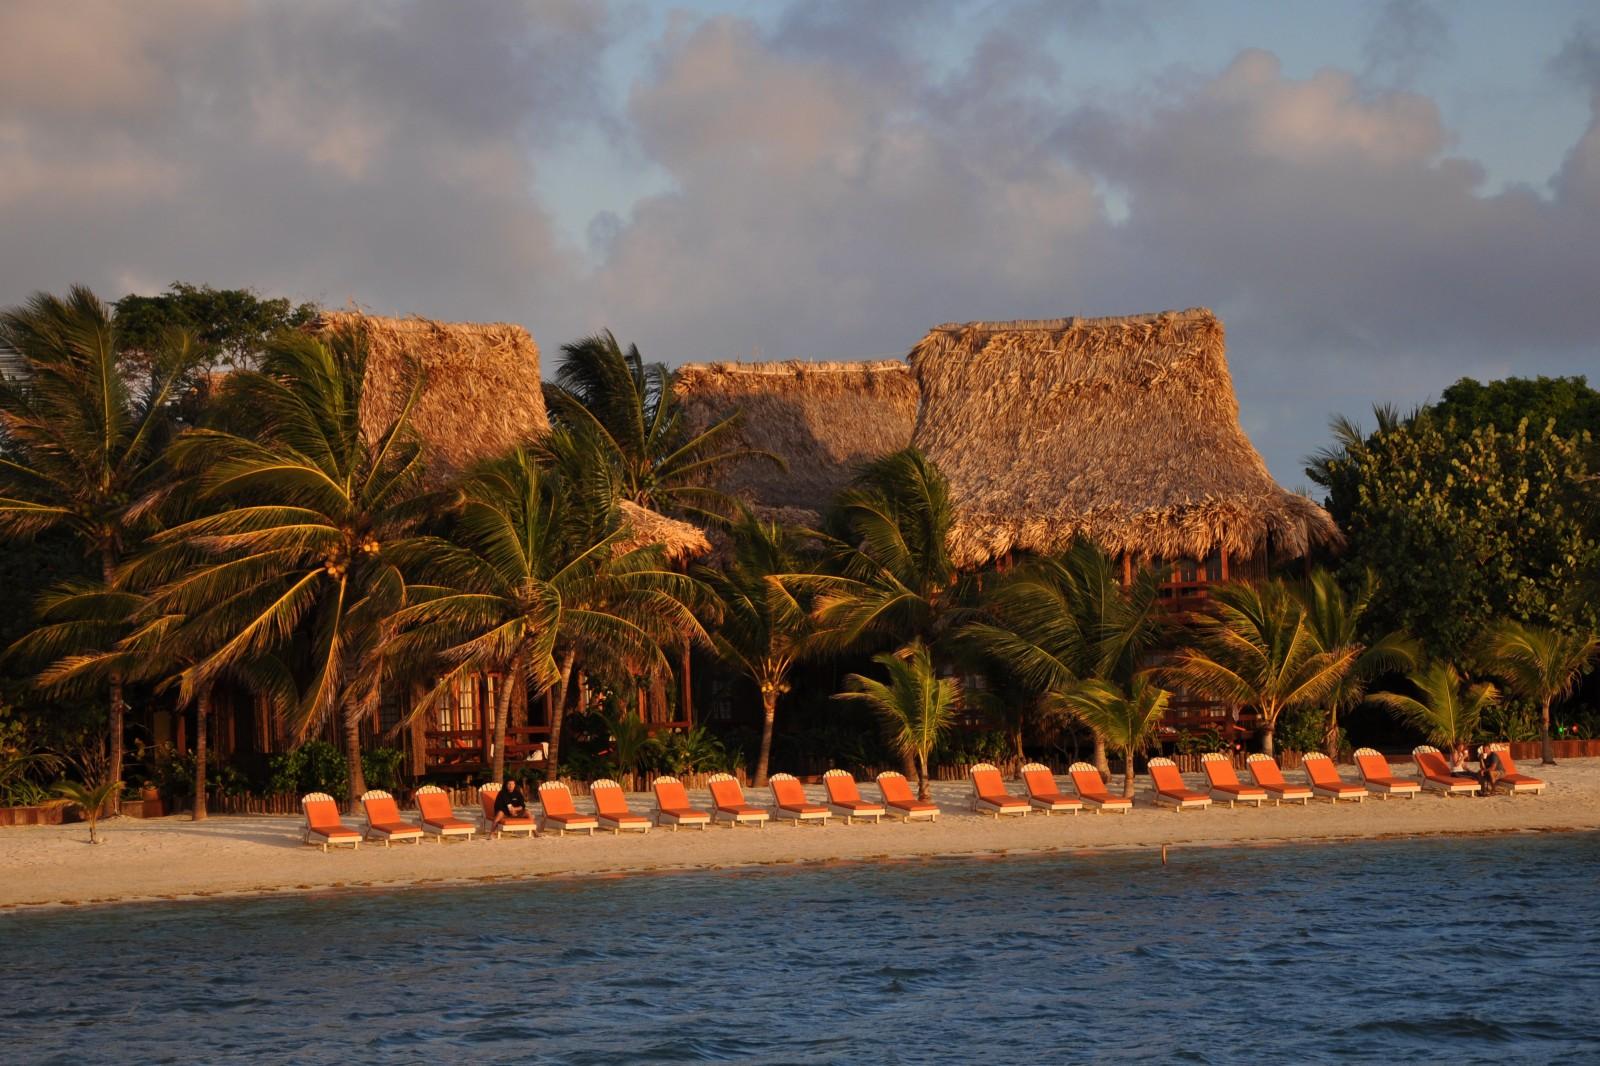 ramons village resort in ambergris caye belize